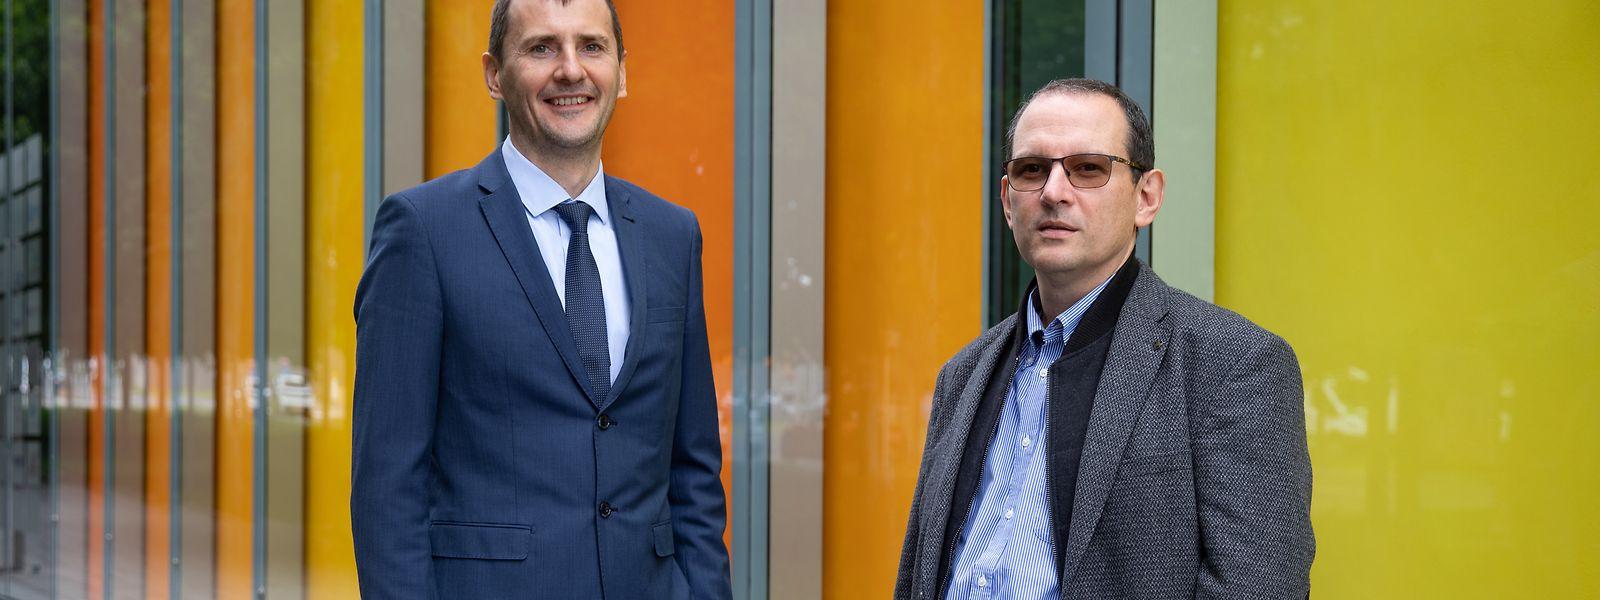 Radu State und Andrey Martovoy wollen Banken helfen, ihre Tools für die Geldwäschebekämpfung zu verbessern.